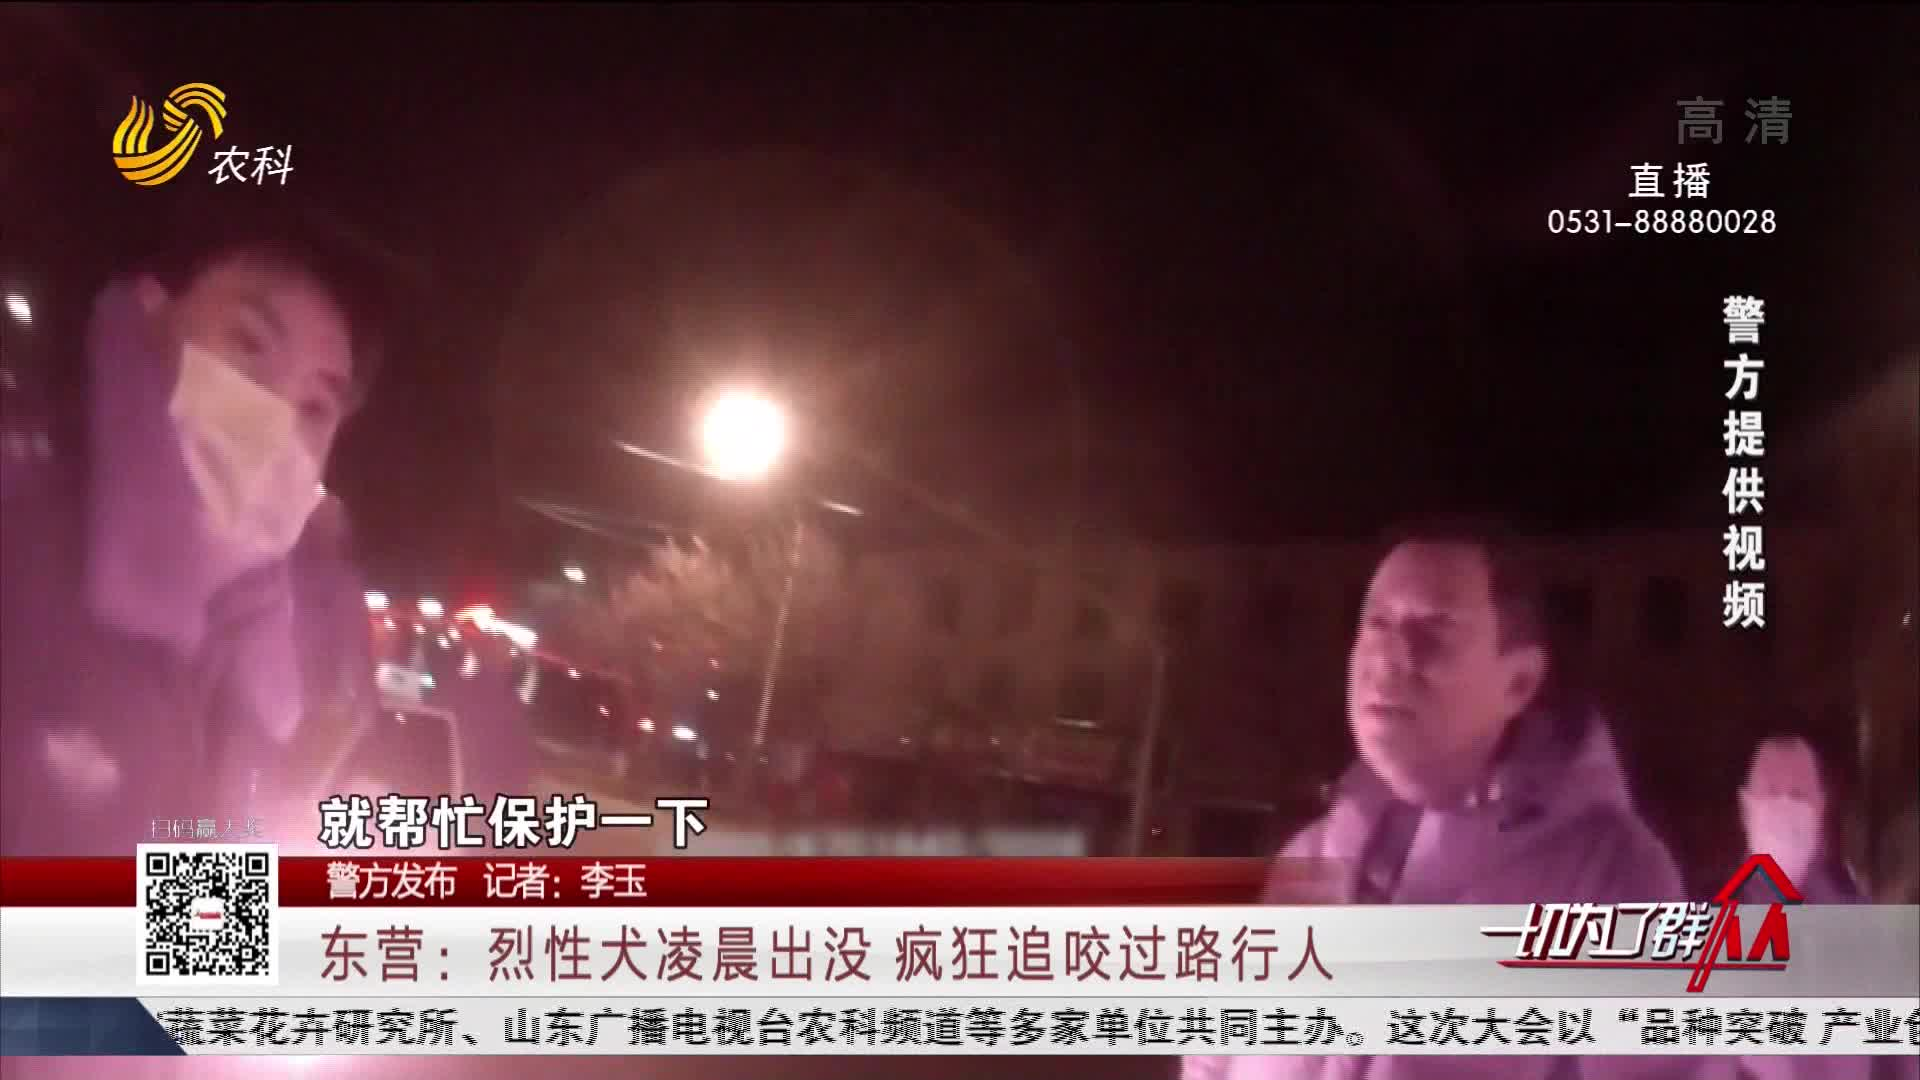 【警方发布】东营:烈性犬凌晨出没 疯狂追咬过路行人